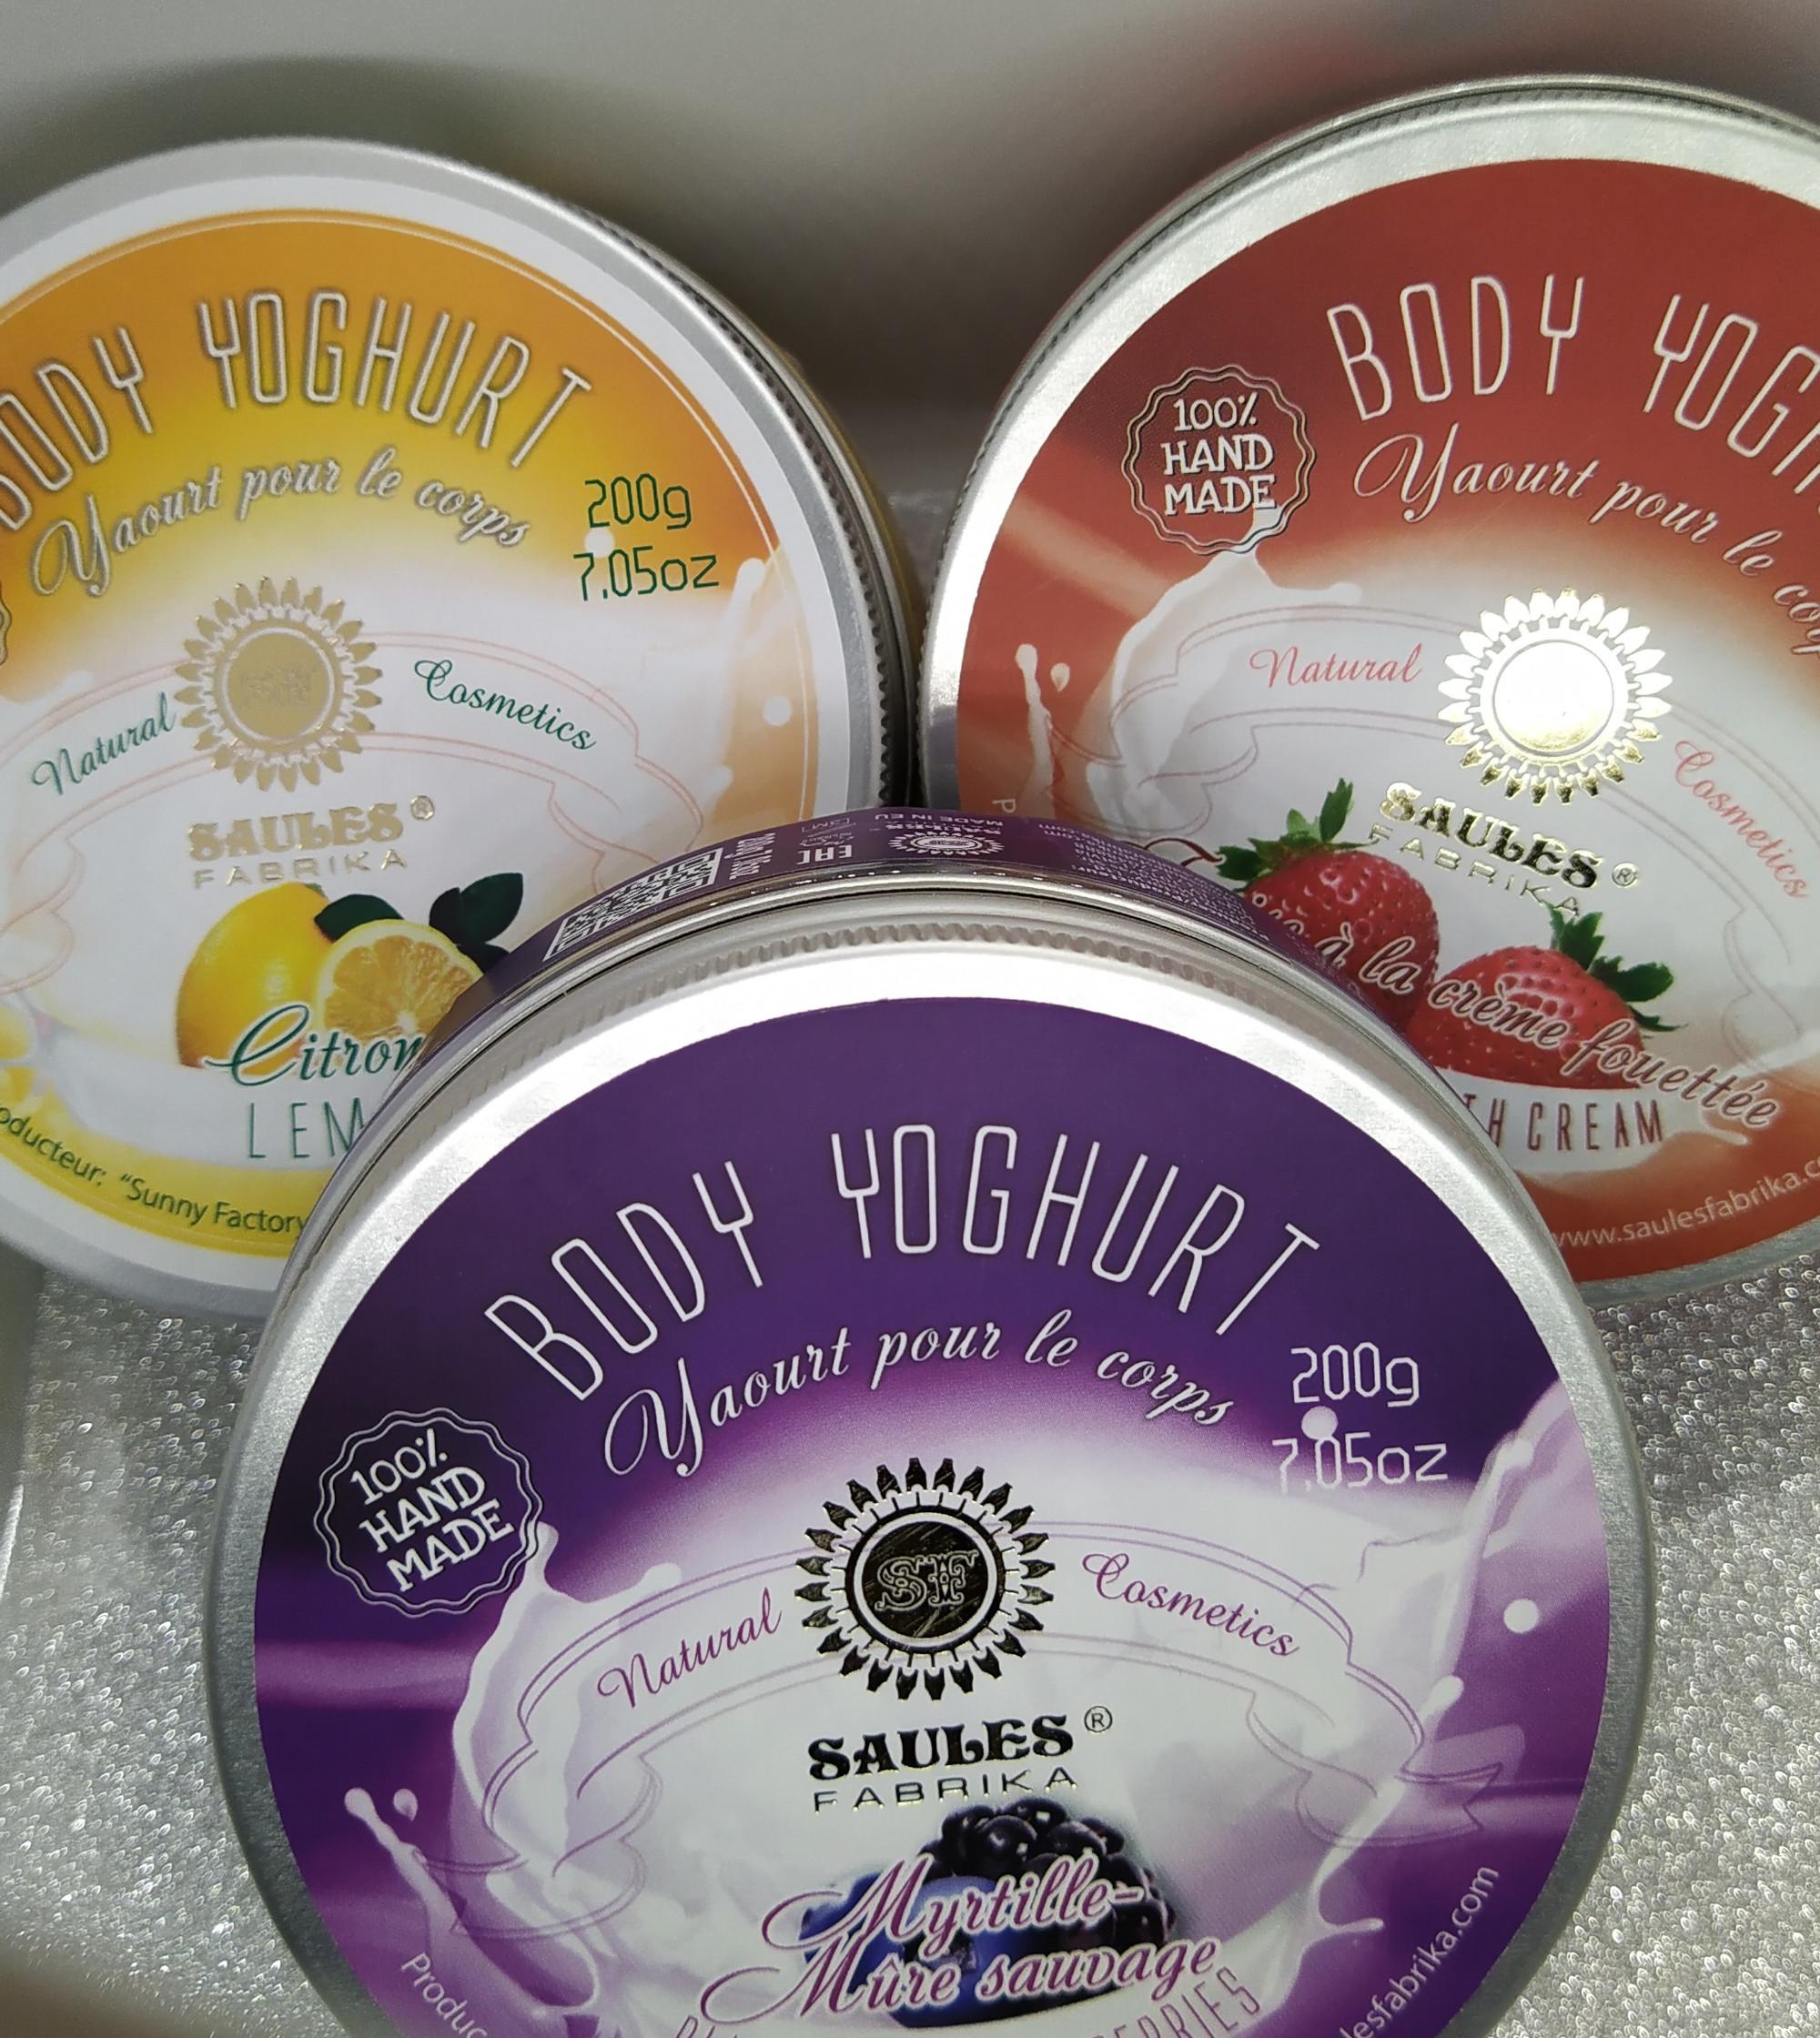 Body Yoghurt Image